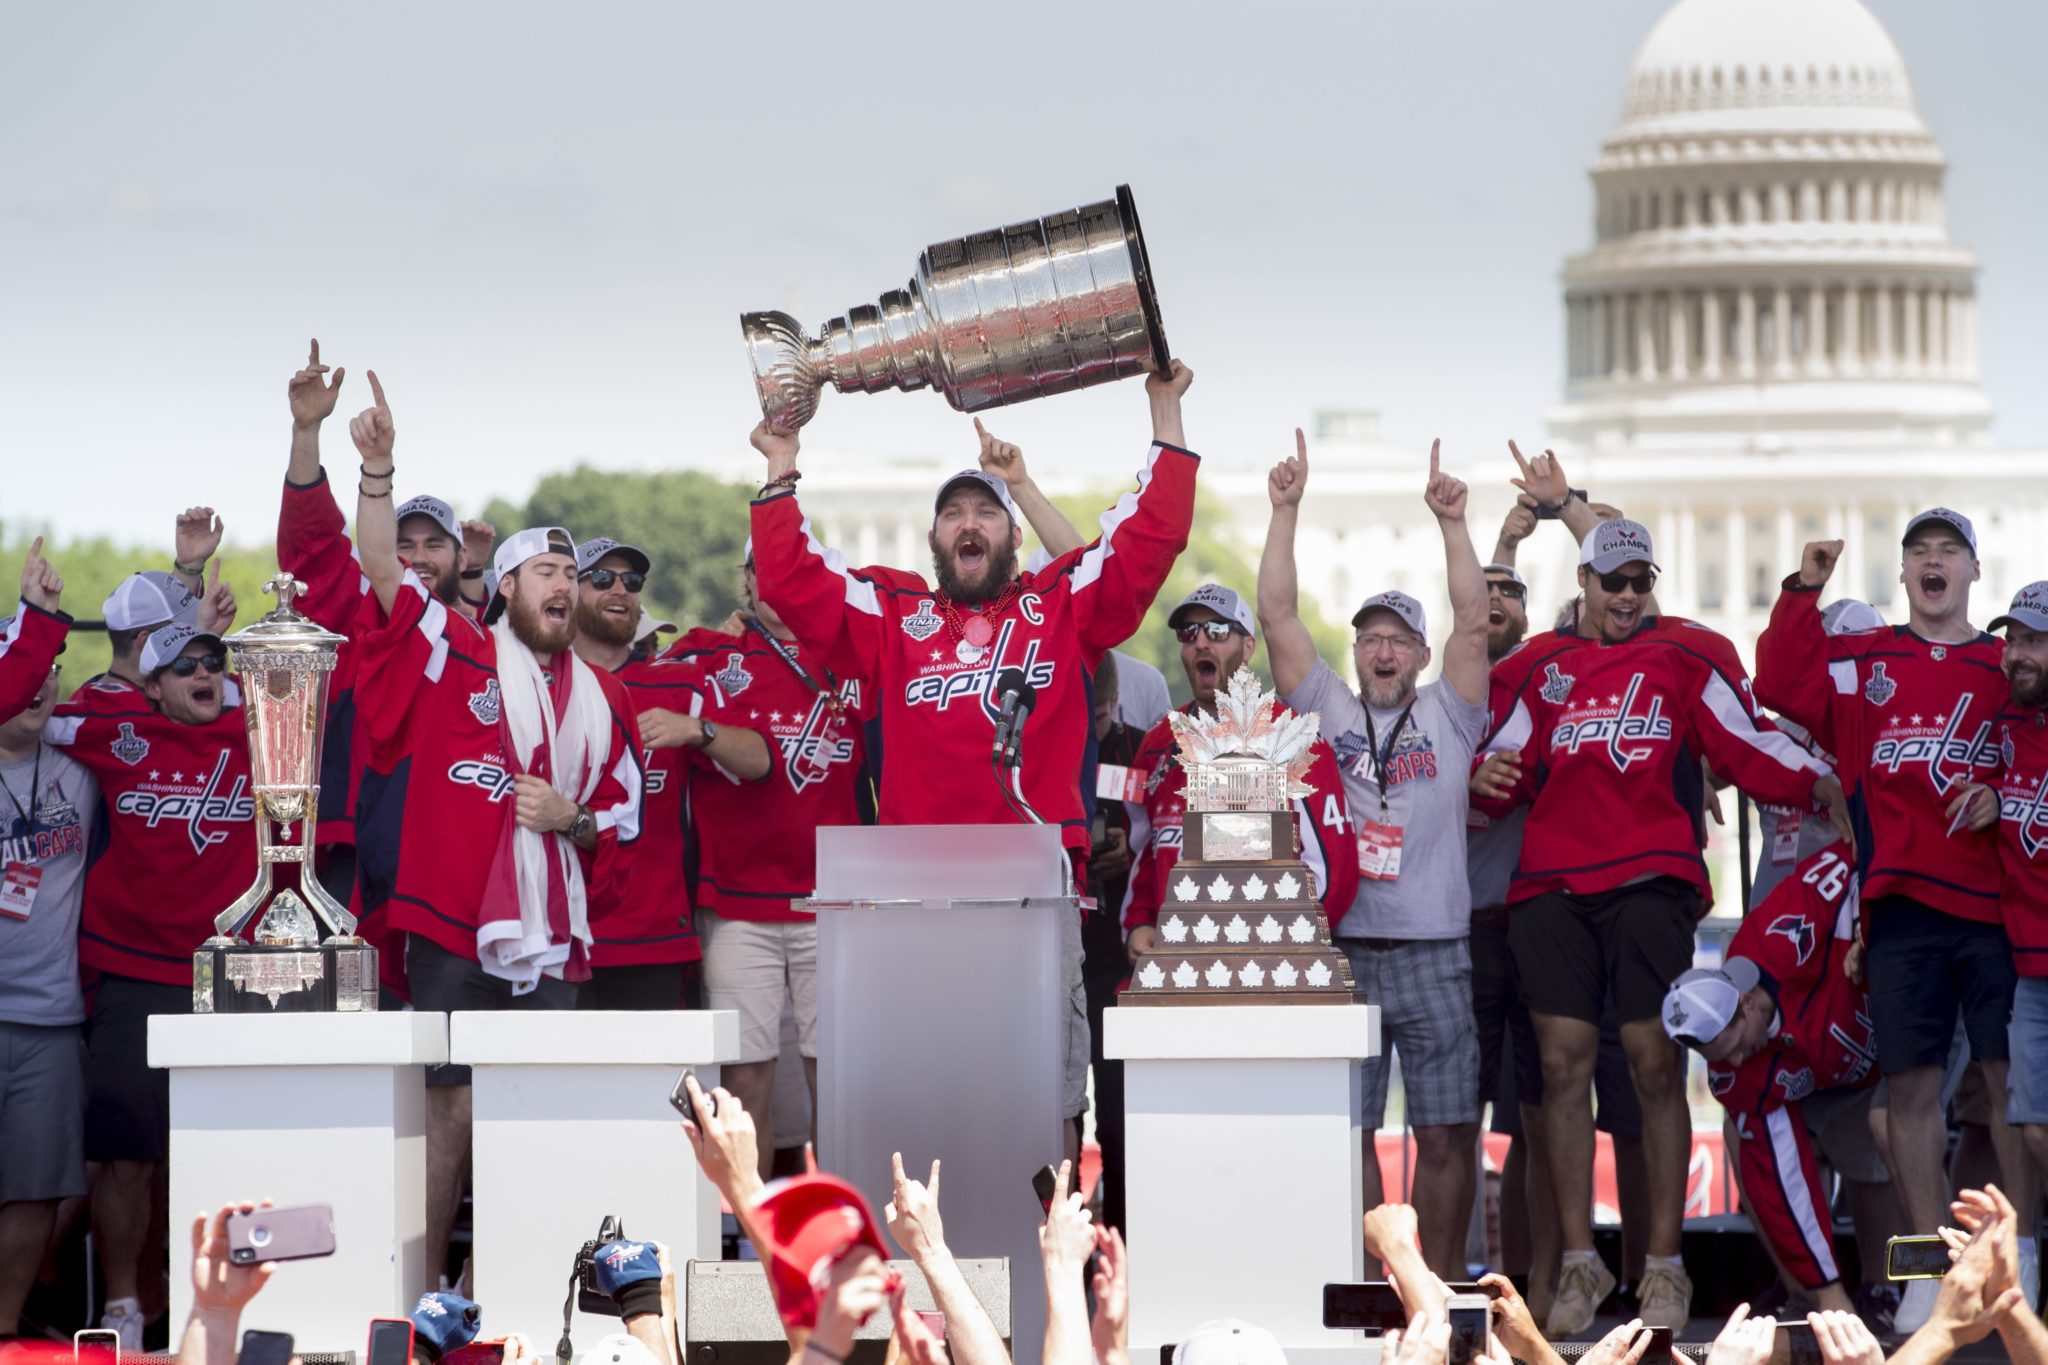 Washington Capitals z Pucharem Stanleya. Drużyna zwyciężyła w zawodach Stanley Cup Champions Washington Capitals, fot: Michael Reynolds, PAP/EPA